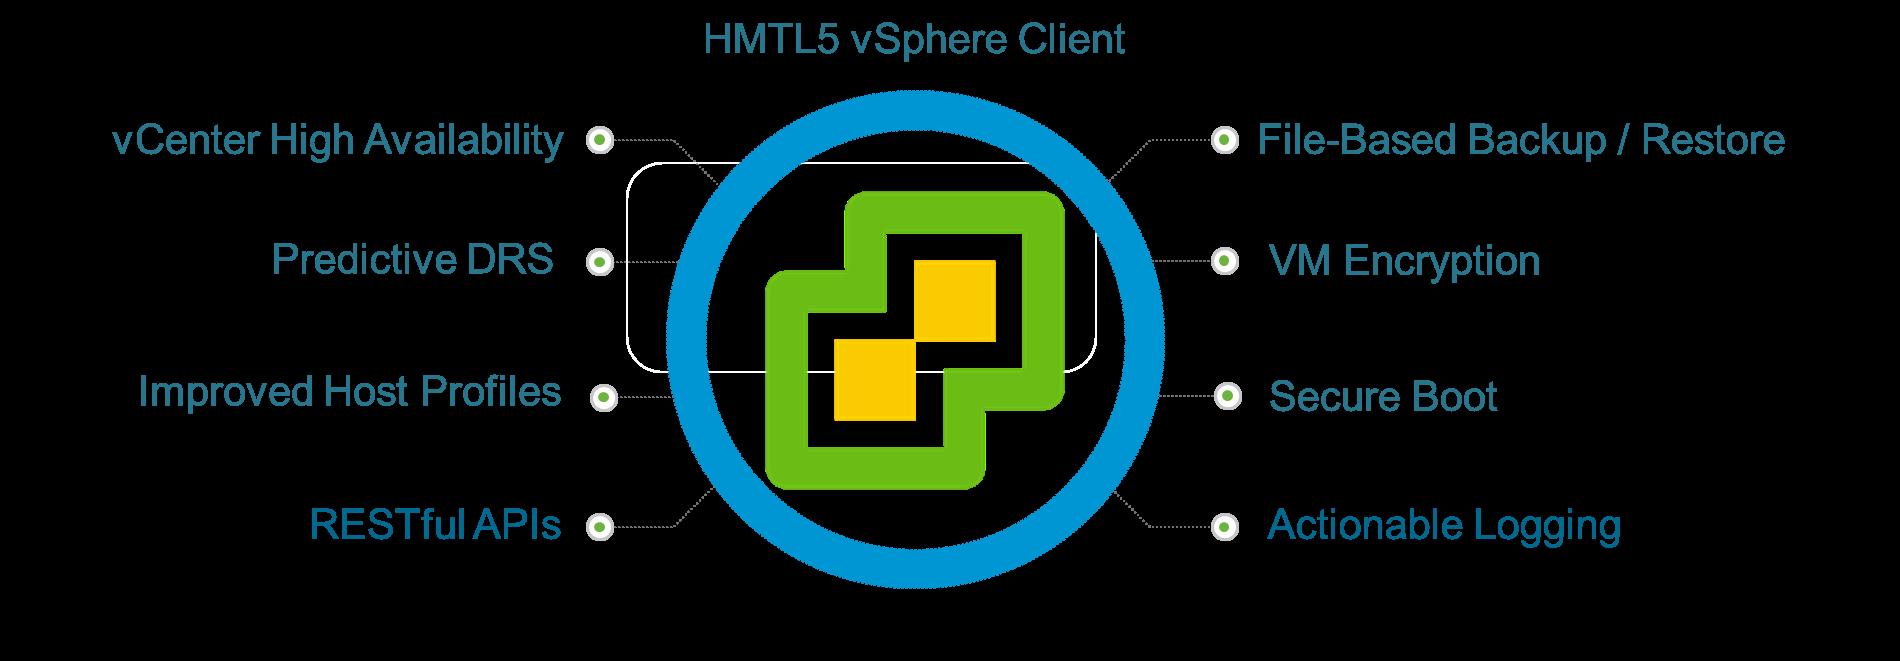 html5-vsphere-client